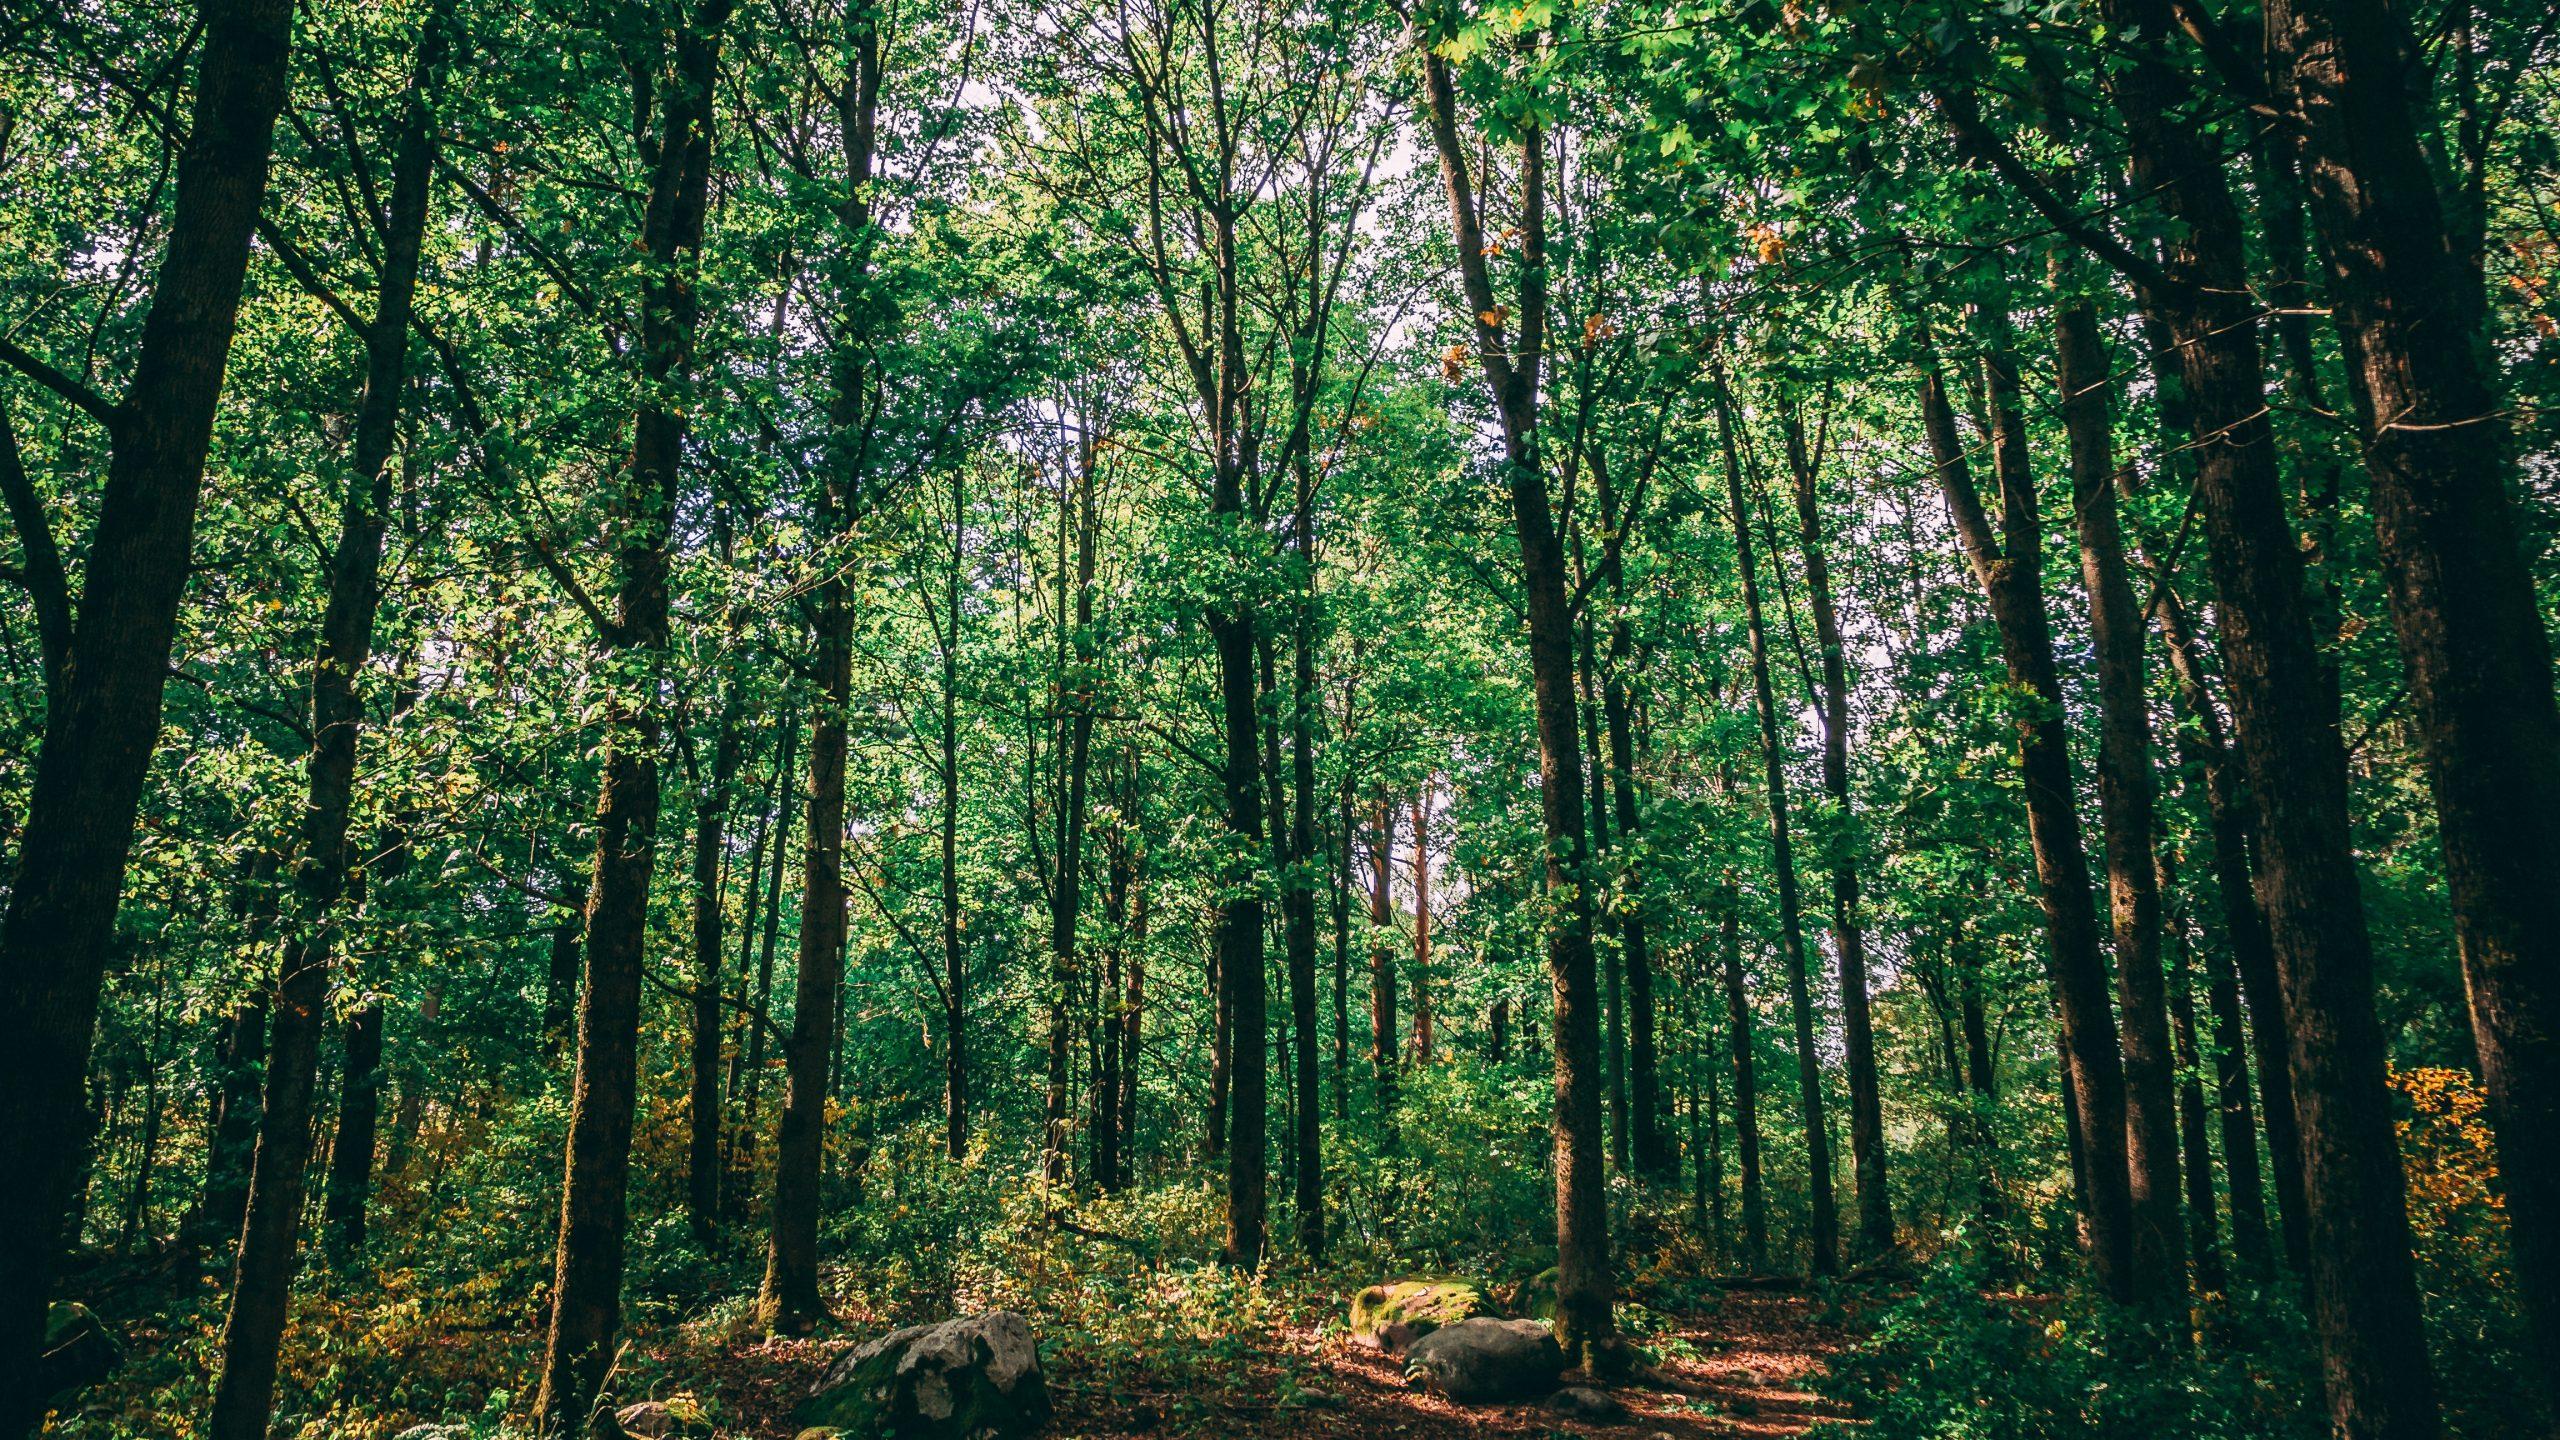 Contribuimos al cuidado y protección de los bosques